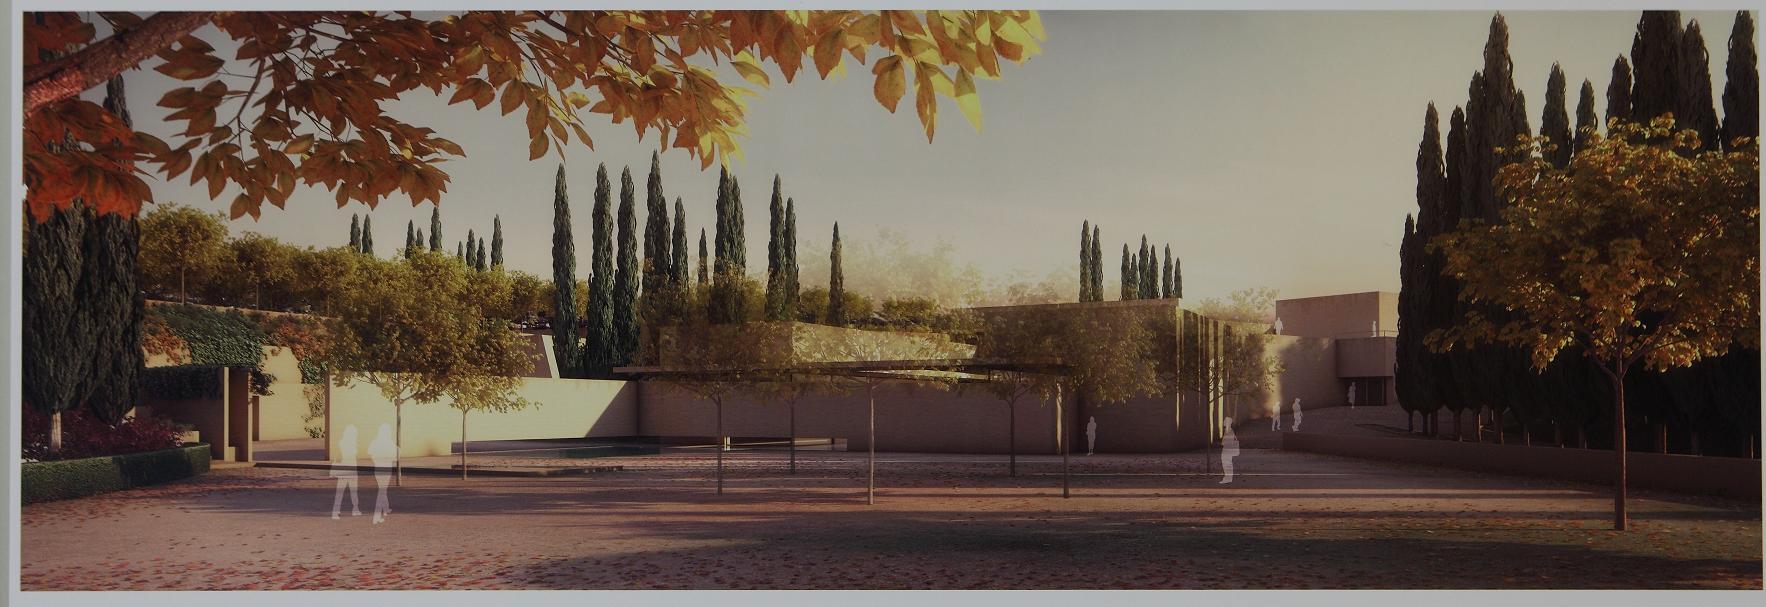 """""""Puerta Nueva"""", de Álvaro Siza y Juan Domingo Santos, primer premio del Concurso Internacional de Ideas Atrio de la Alhambra"""